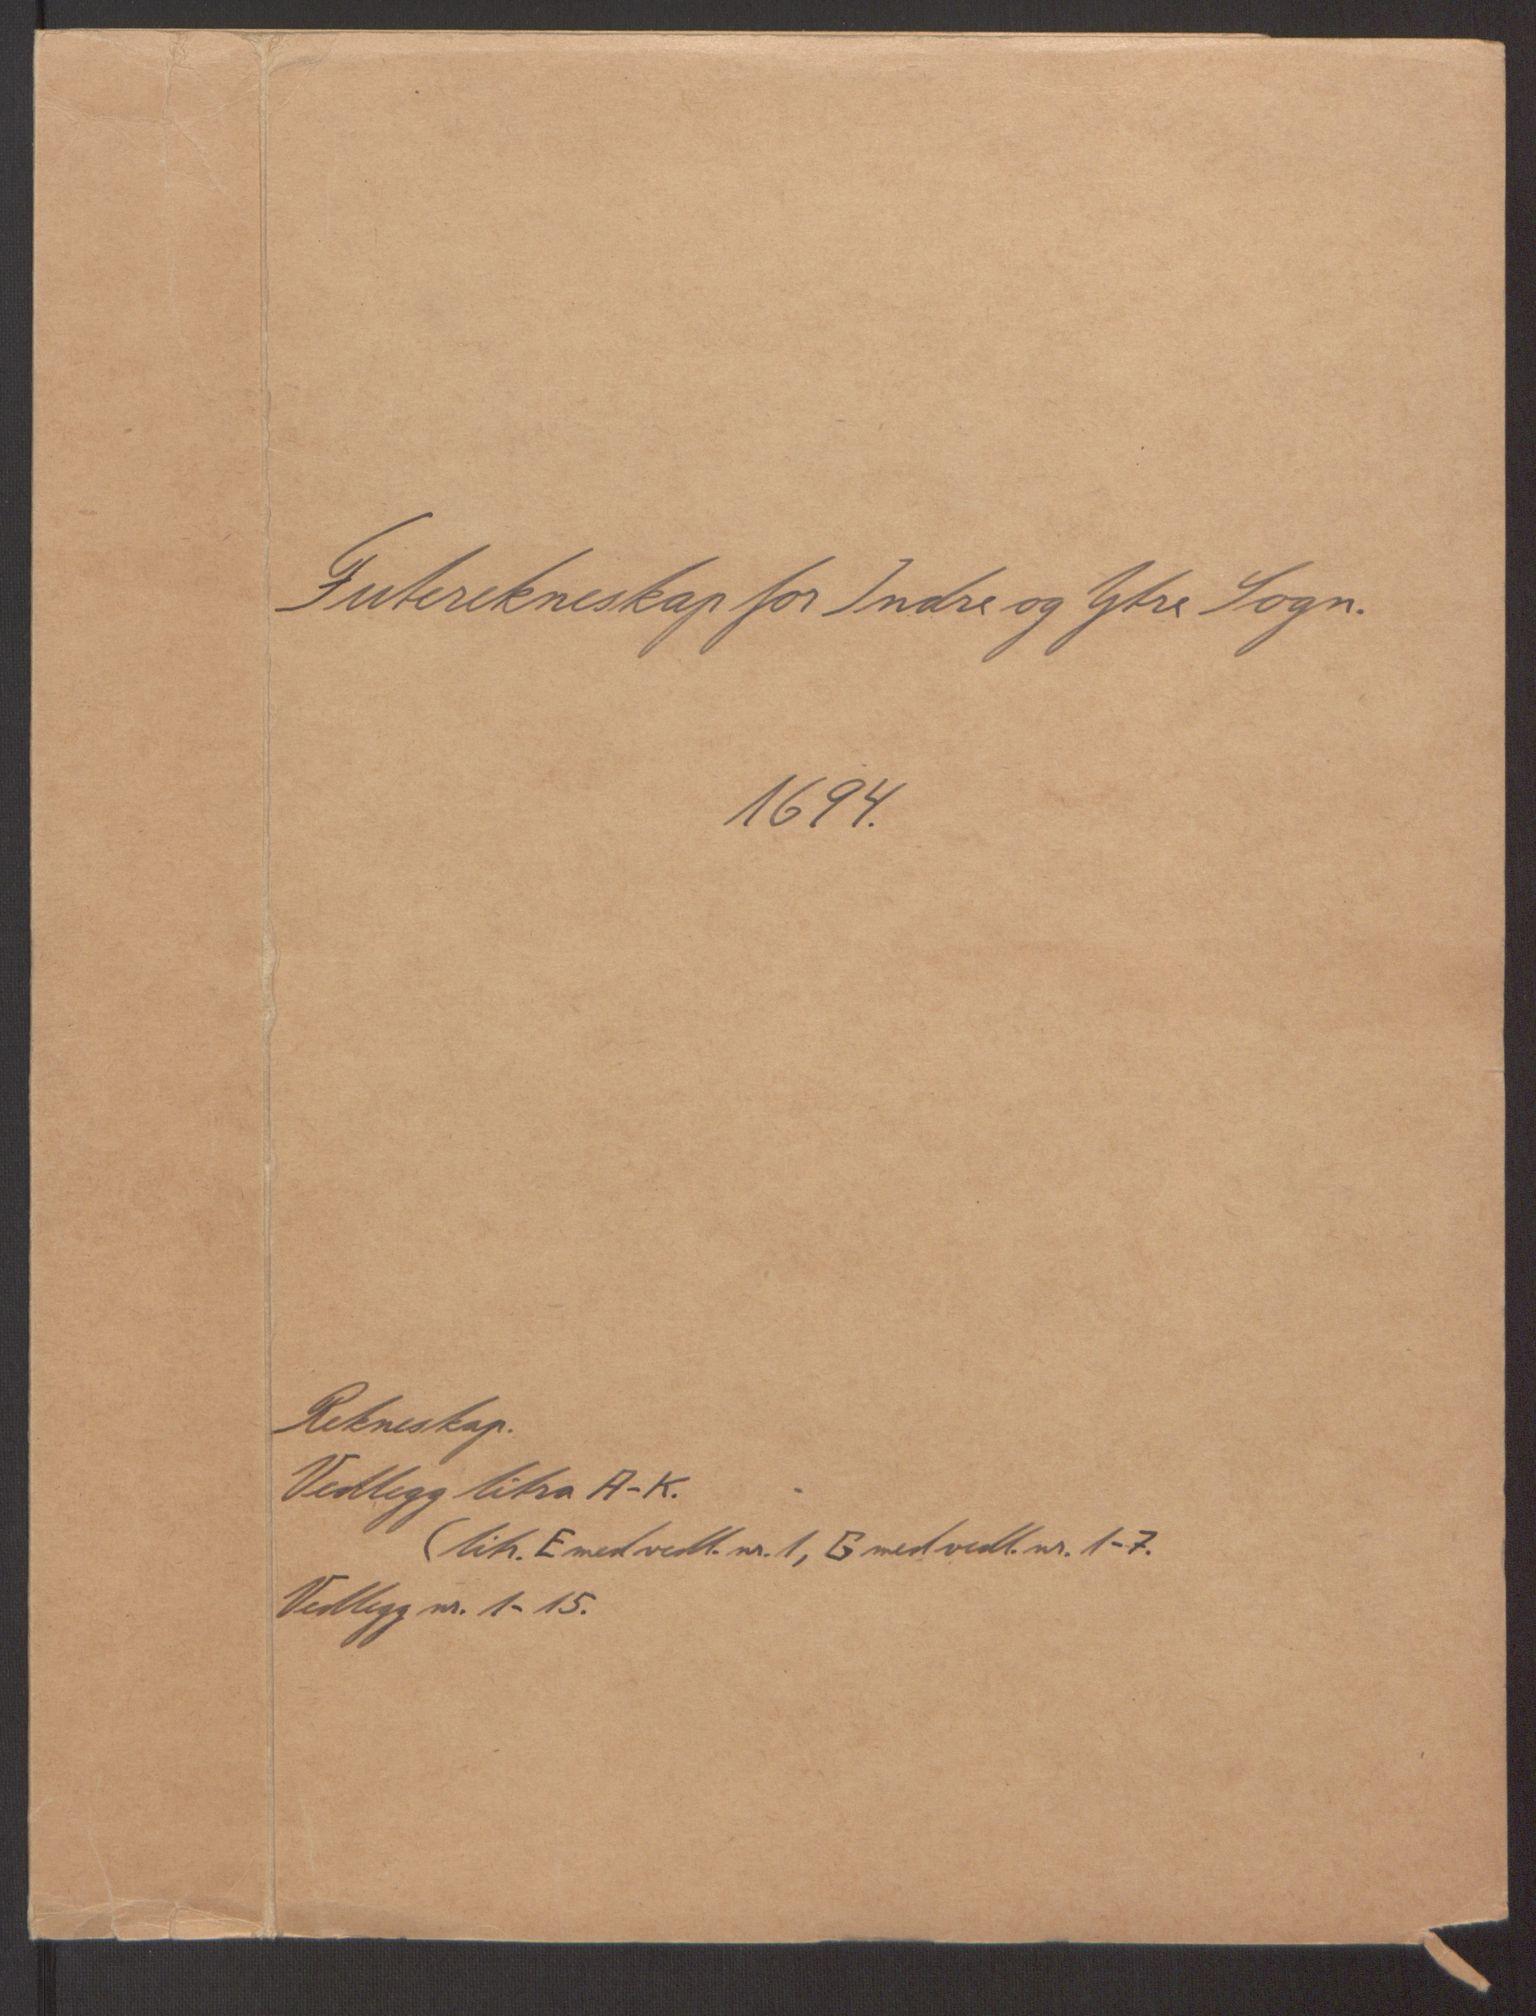 RA, Rentekammeret inntil 1814, Reviderte regnskaper, Fogderegnskap, R52/L3307: Fogderegnskap Sogn, 1693-1694, s. 264